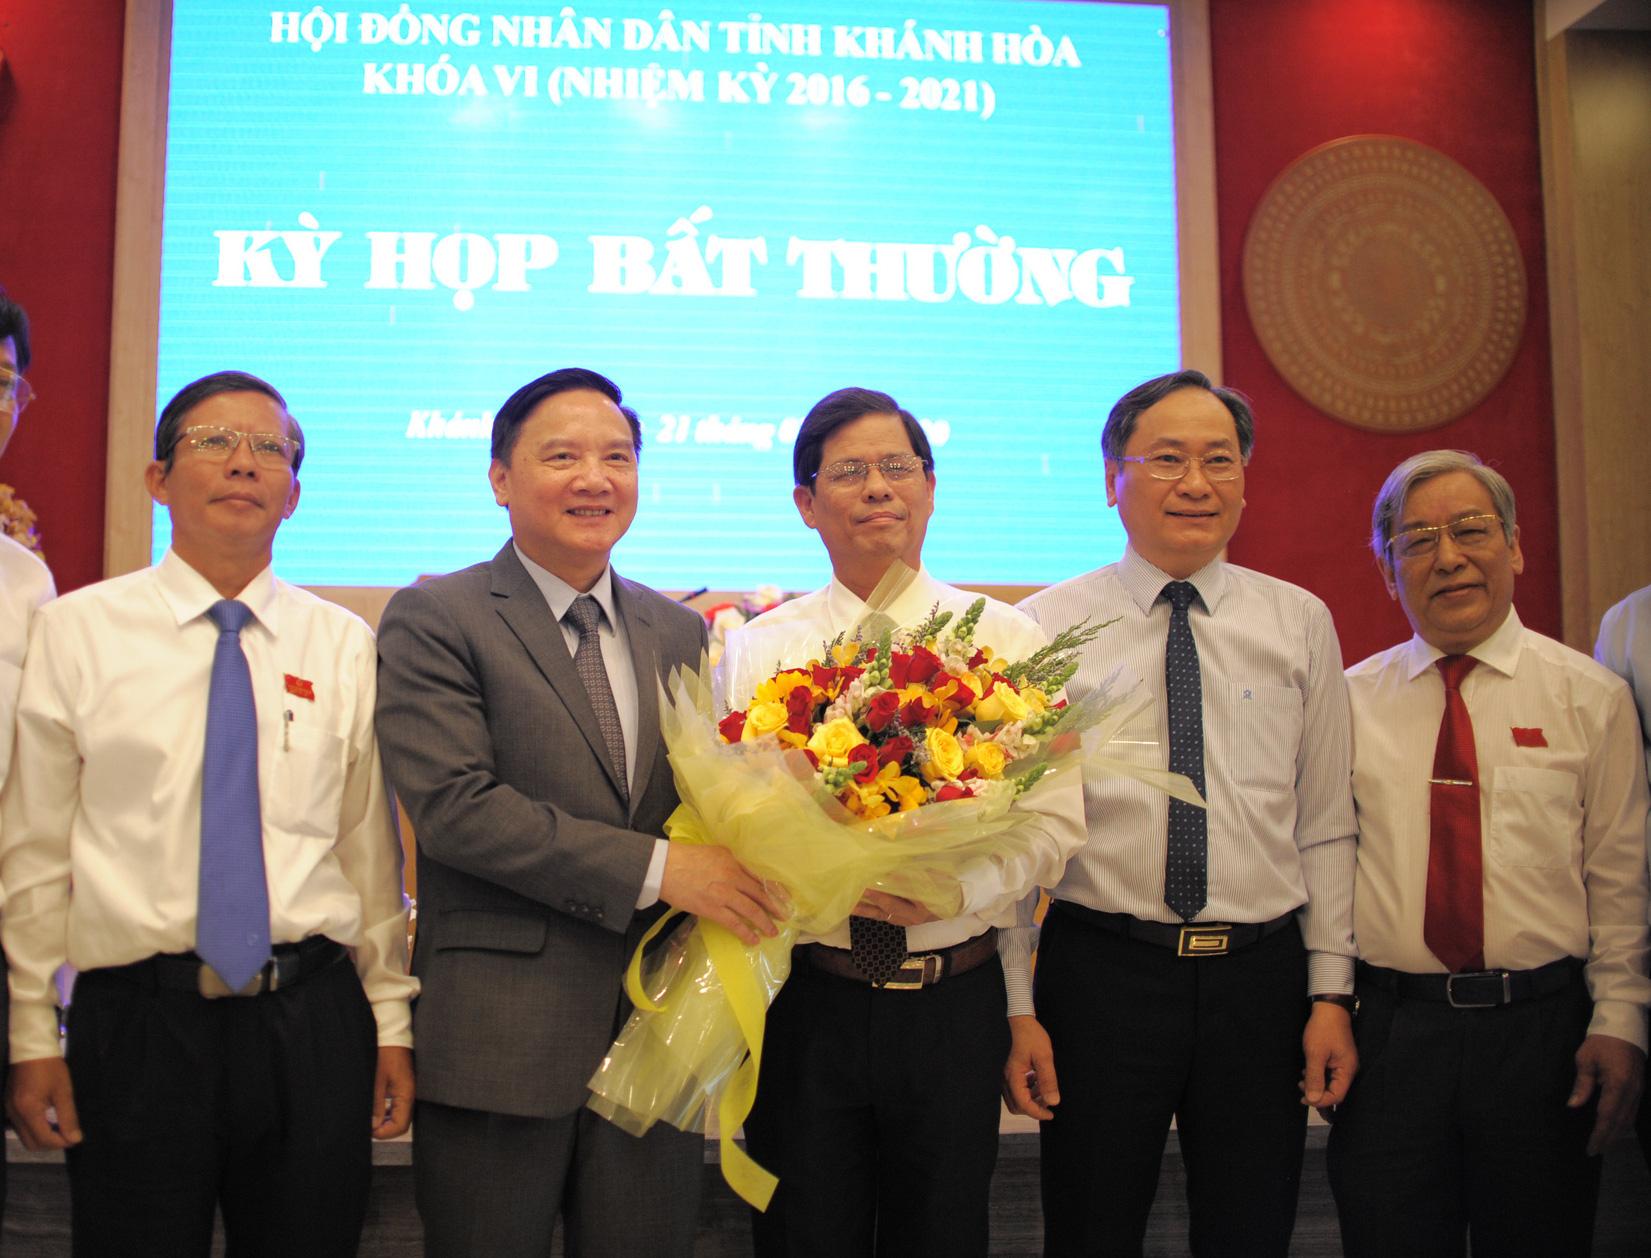 Ông Nguyễn Tấn Tuân giữ chức chủ UBND tỉnh Khánh Hòa - Ảnh 2.